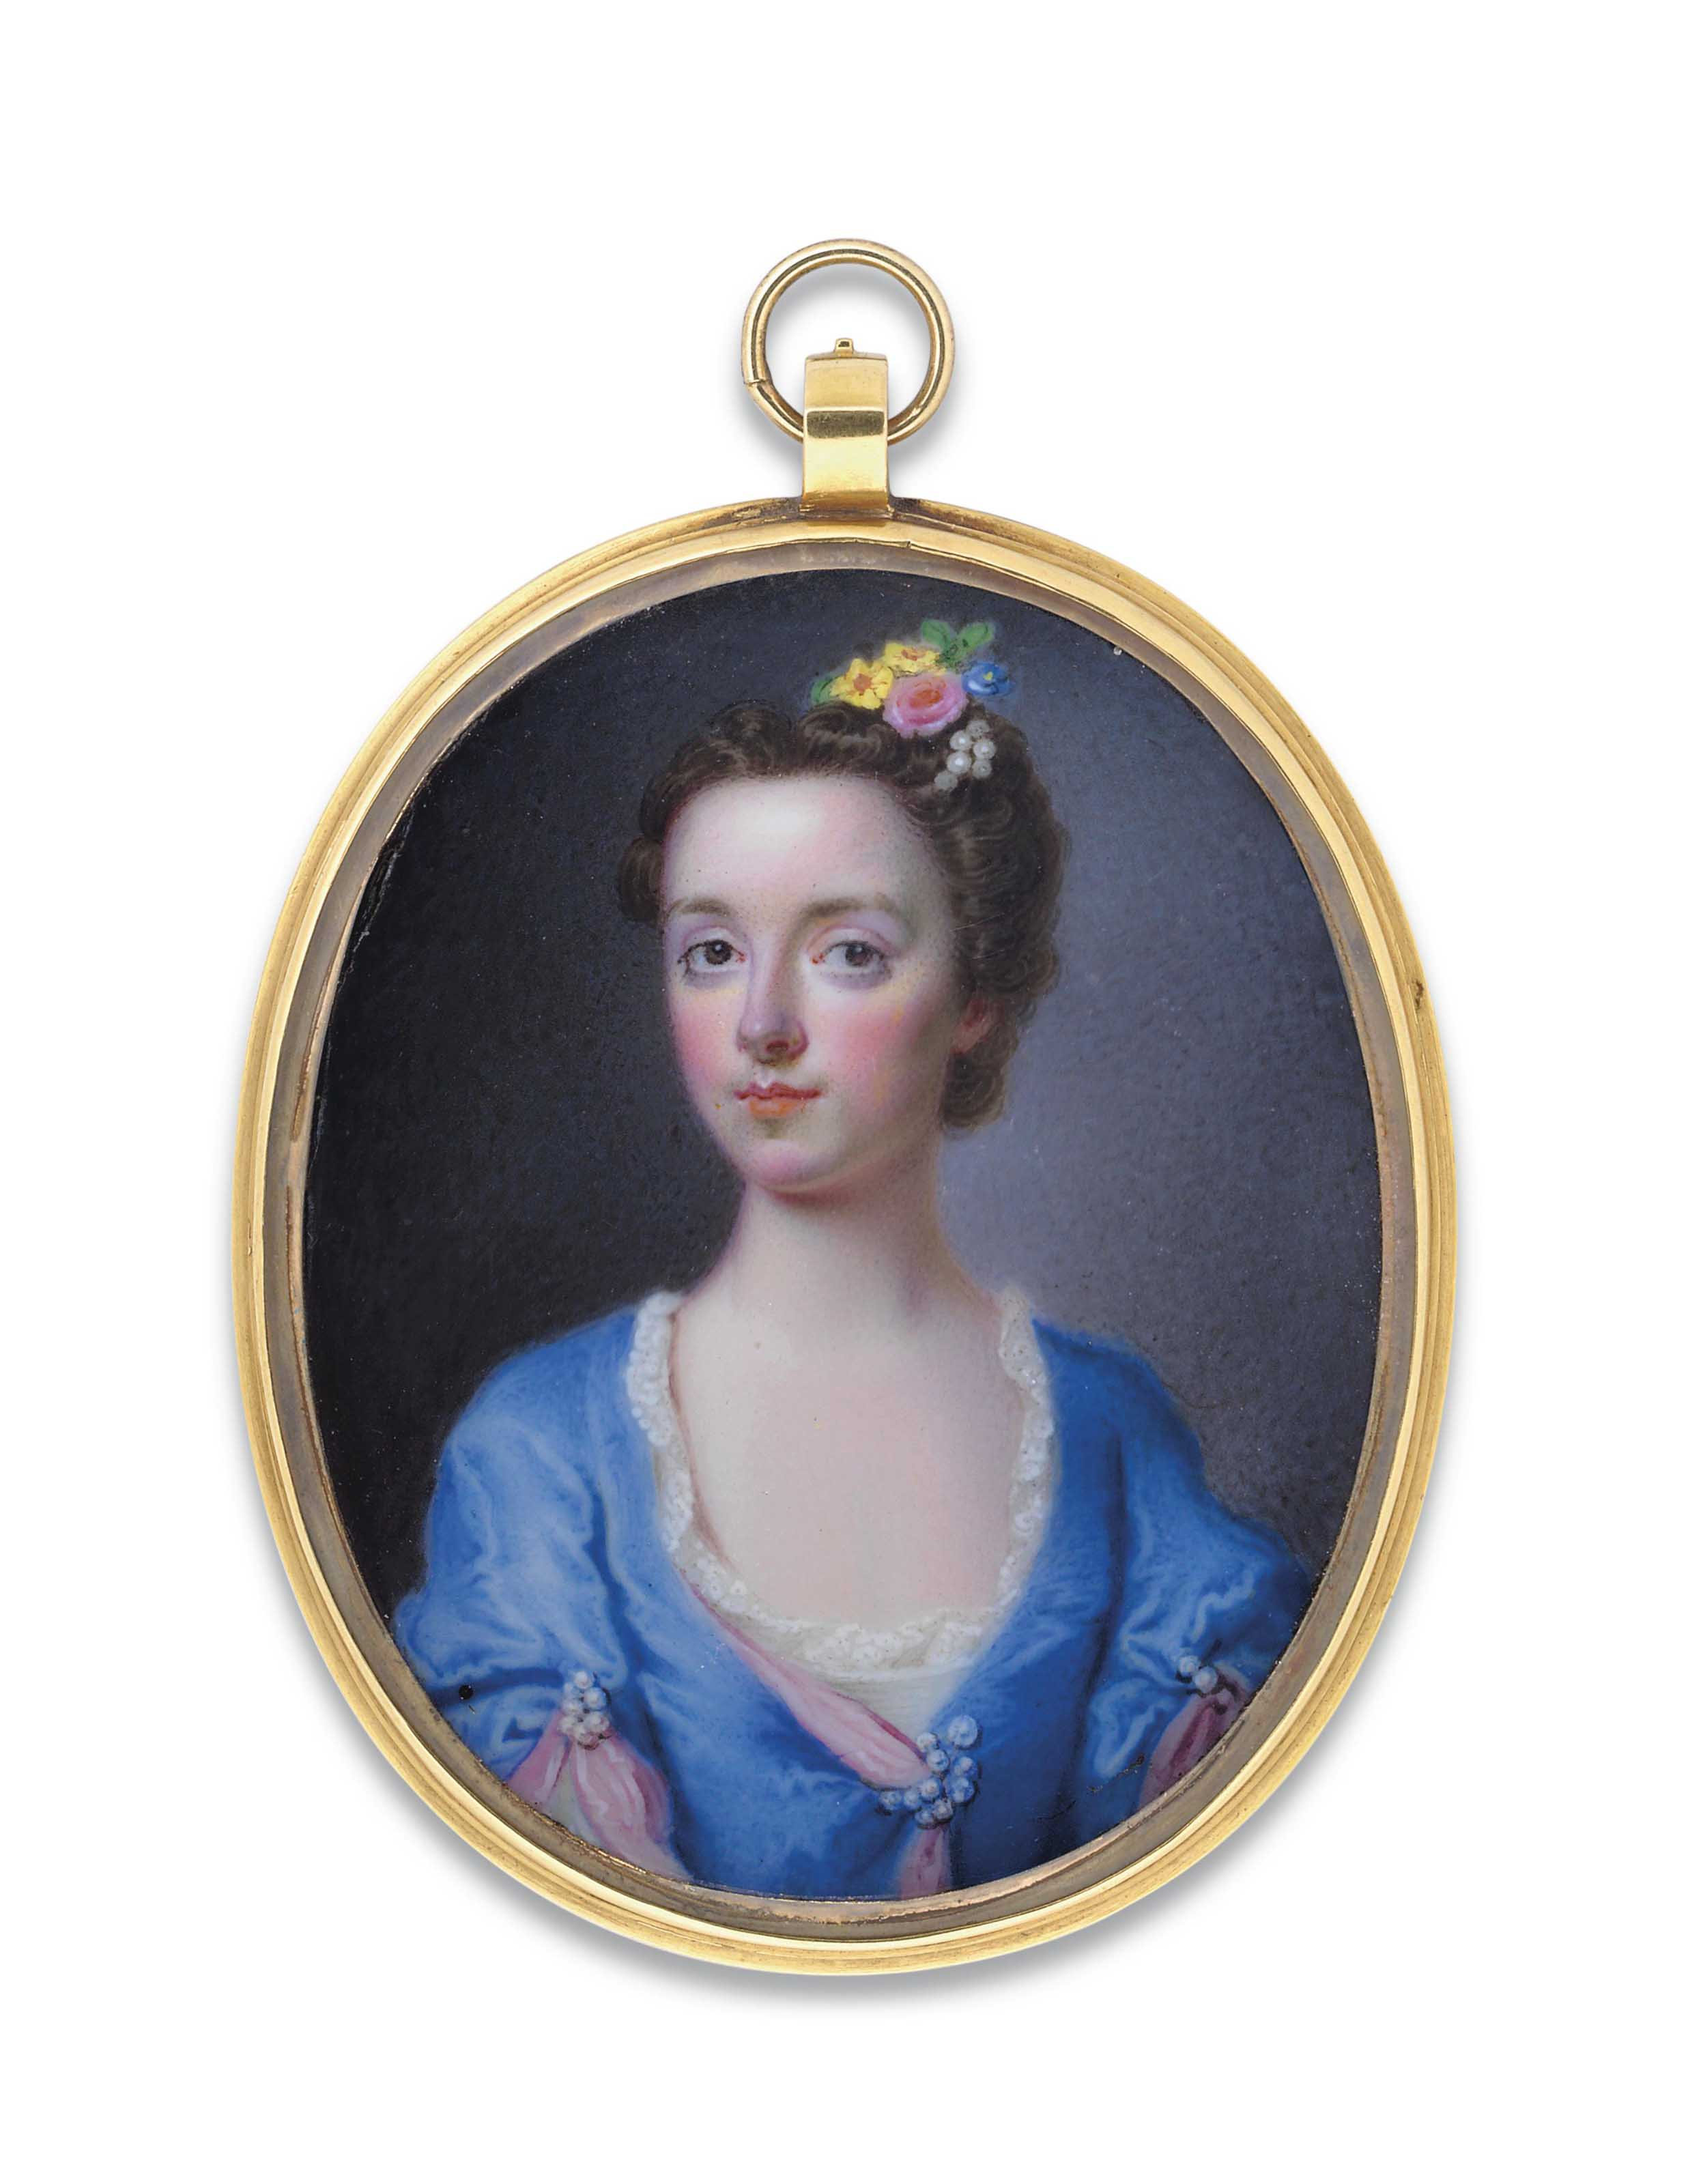 JEAN-ANDRÉ ROUQUET (SWISS, 1701-1758)